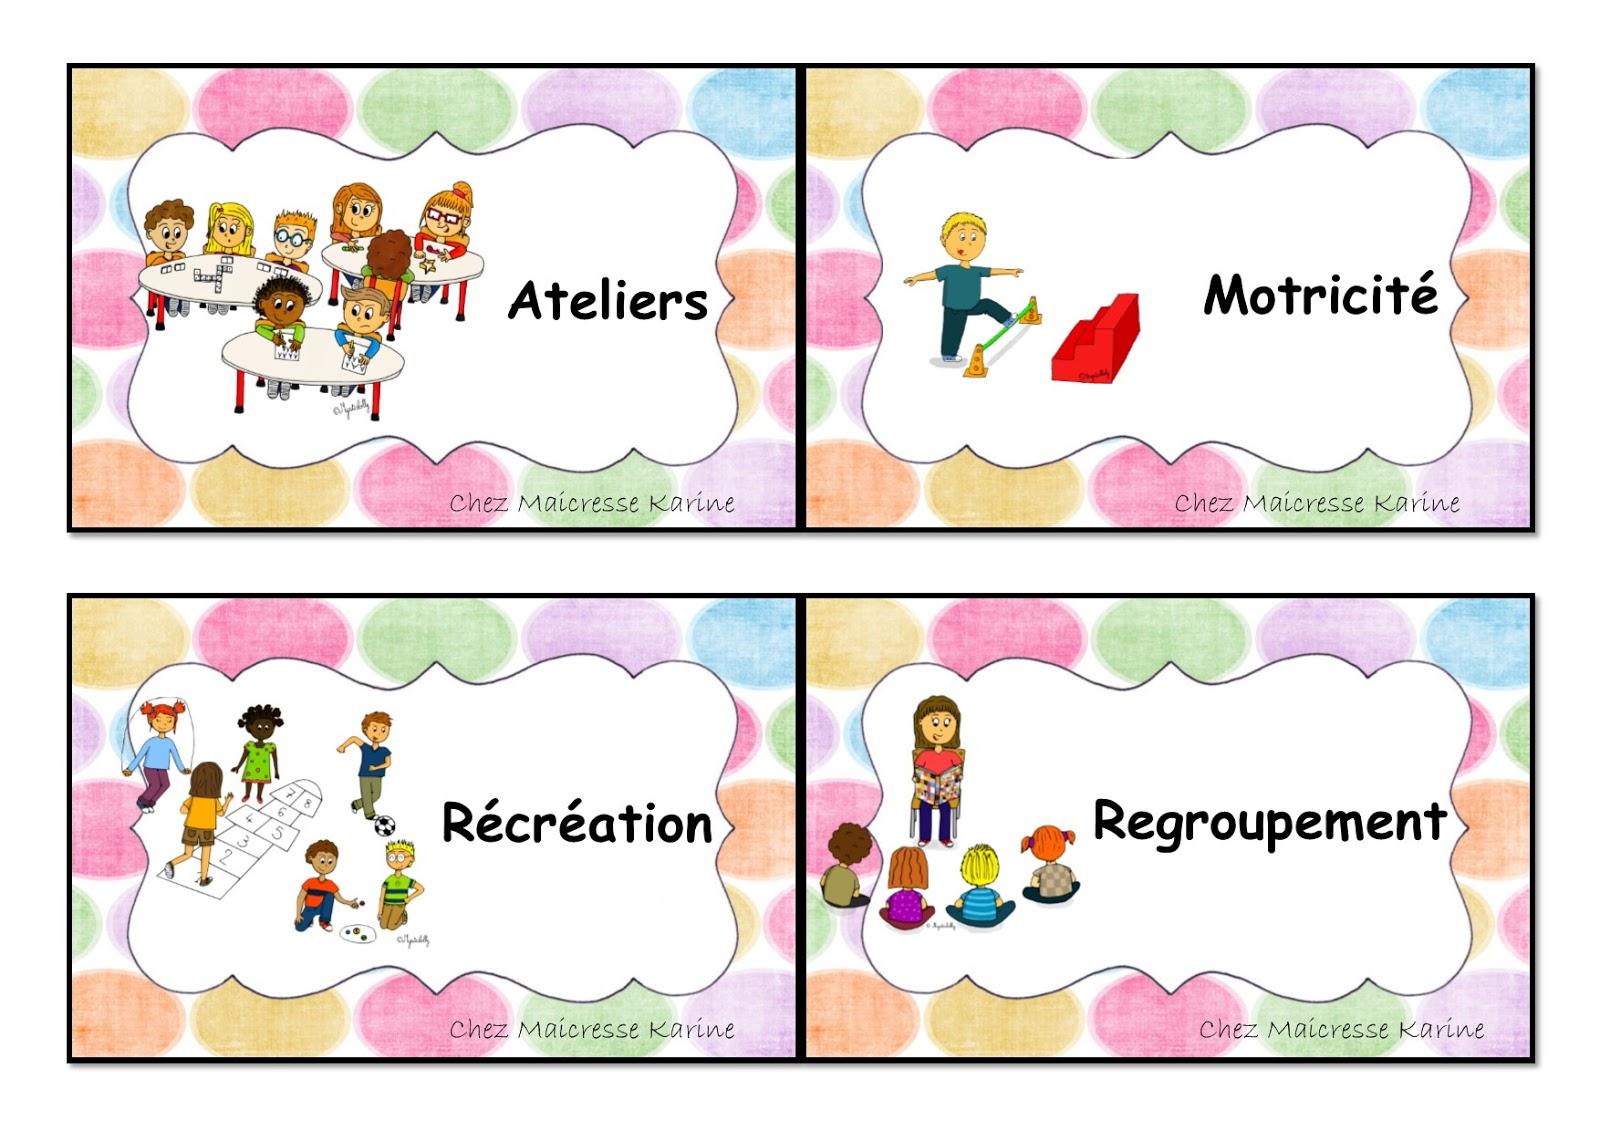 Chez Maicresse Karine Le Programme Du Jour